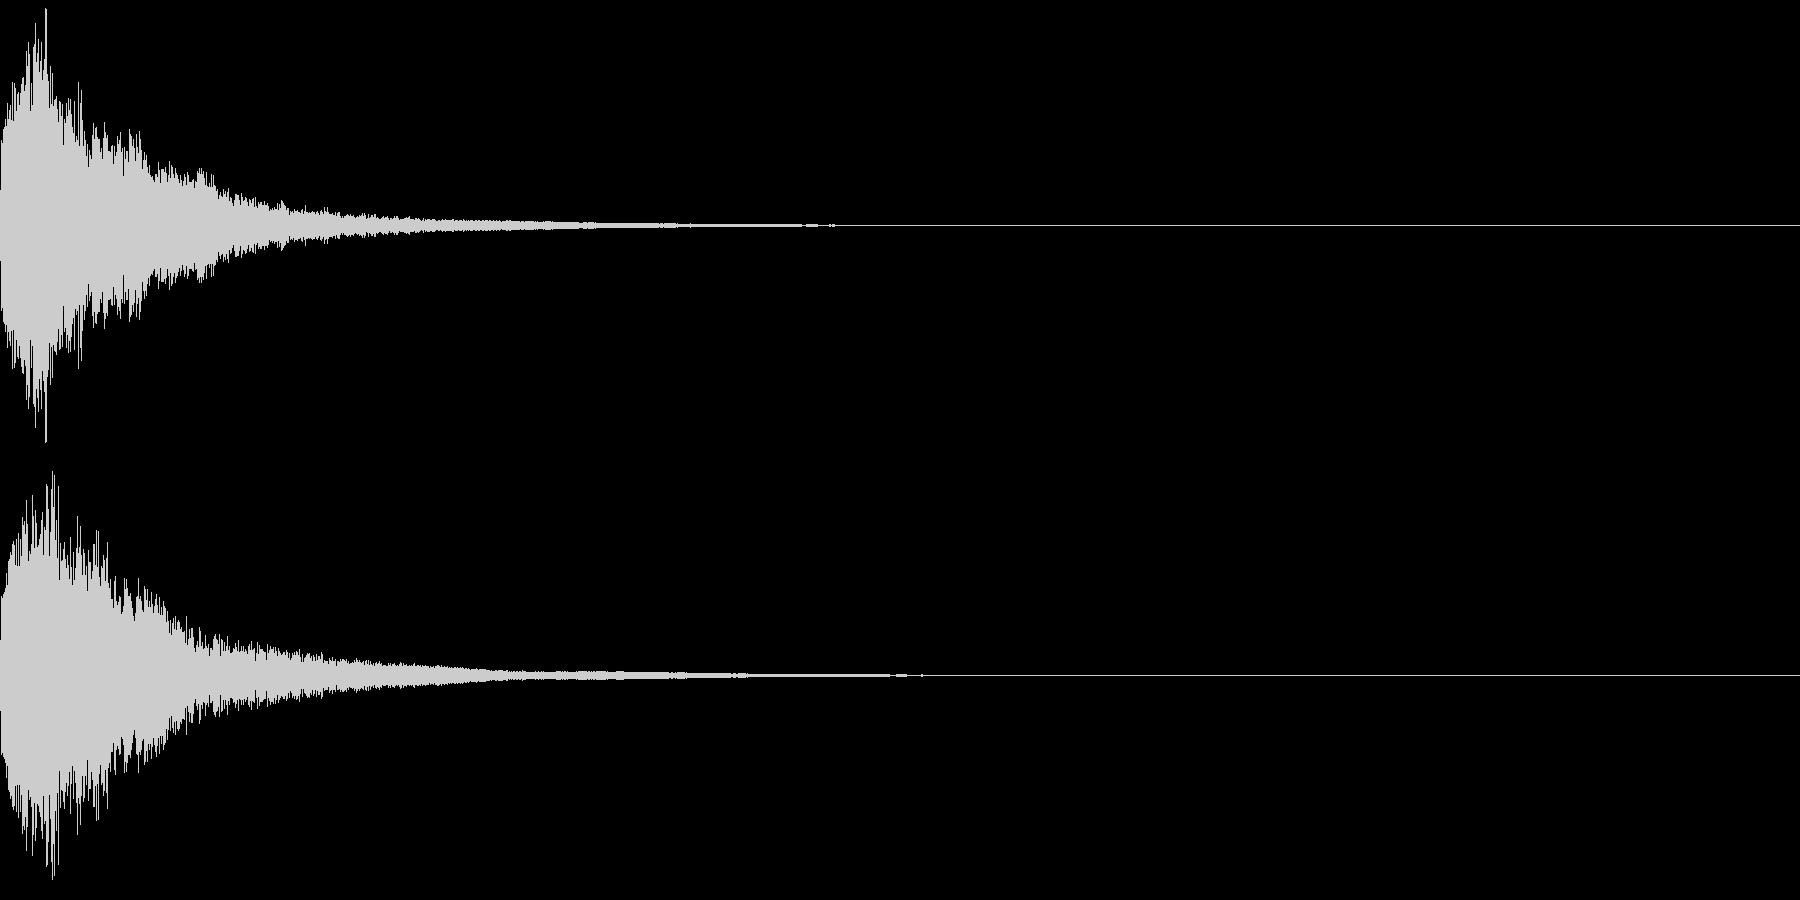 刀 一撃 キュイーン キーン 斬撃 01の未再生の波形